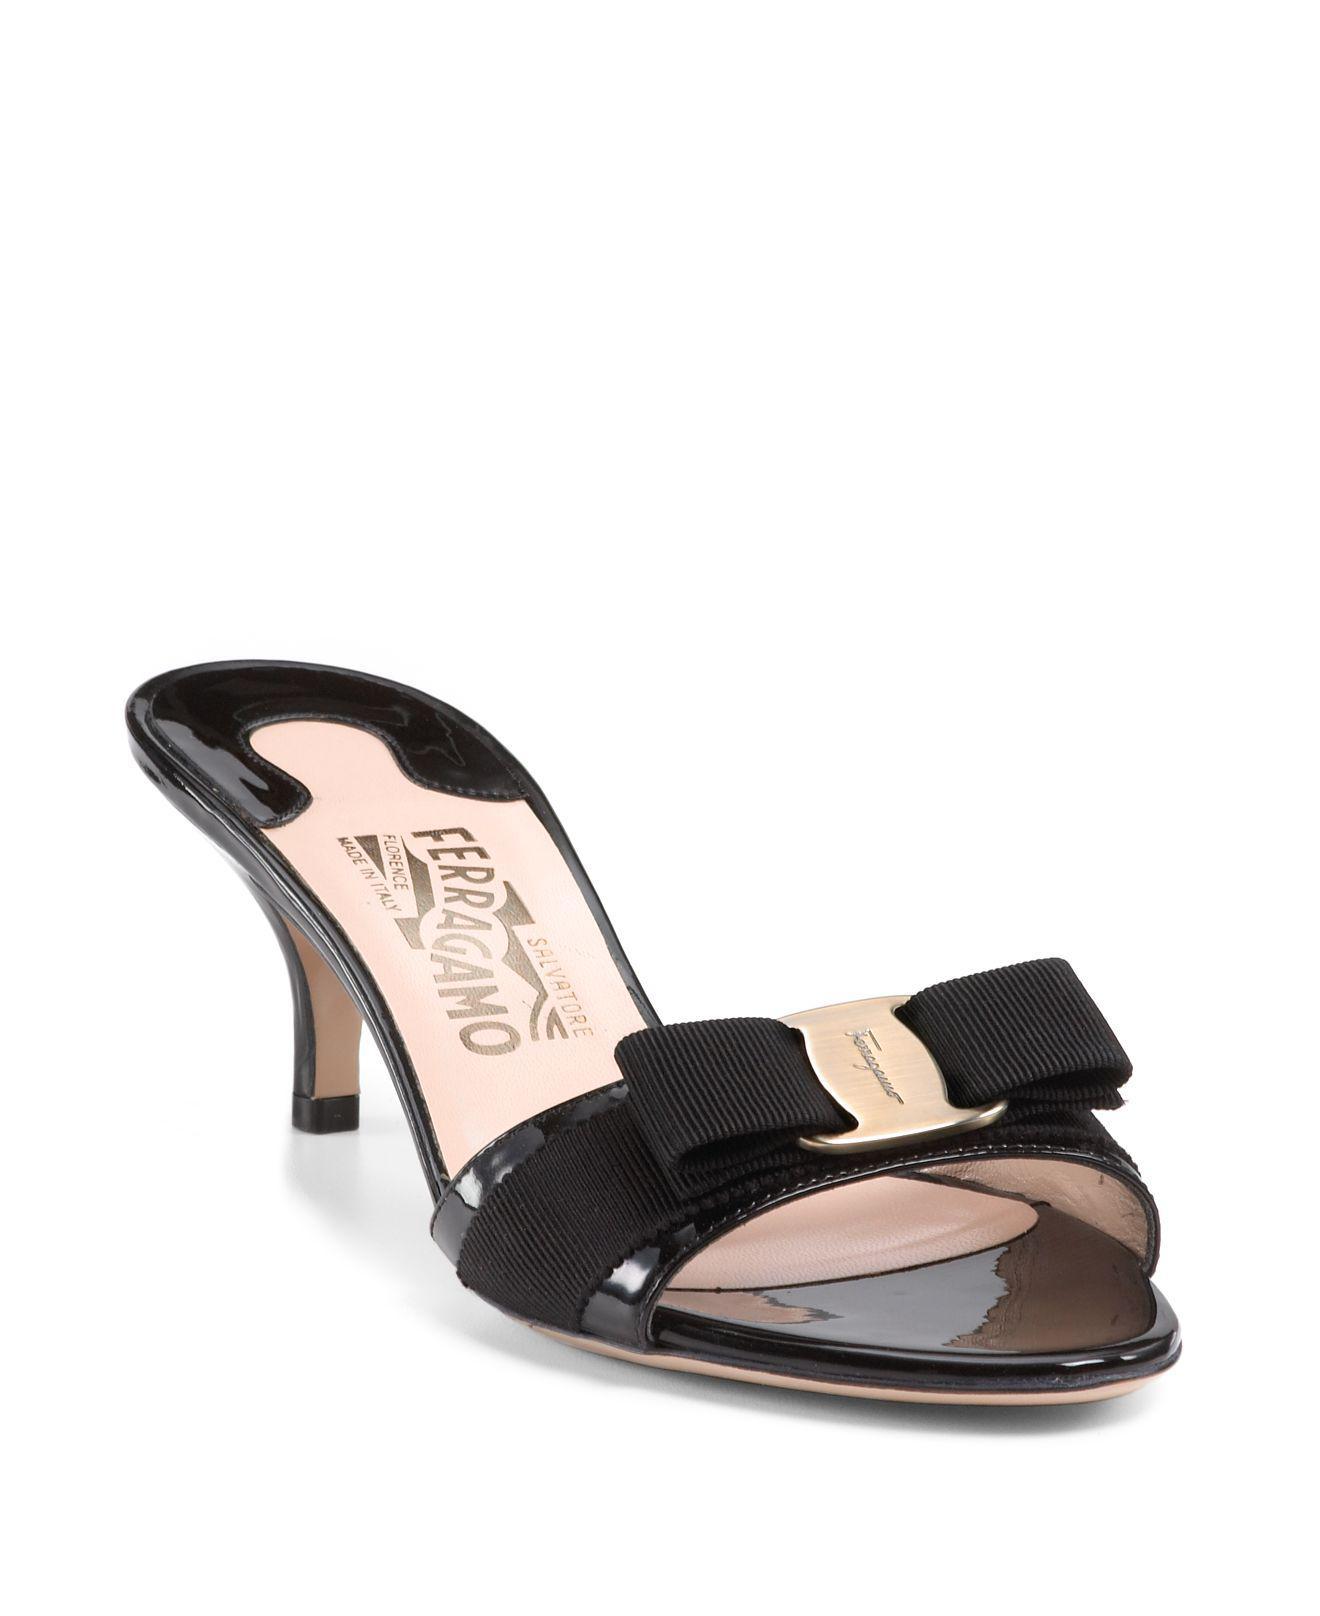 Open Toe Slide Kitten Heel Sandals